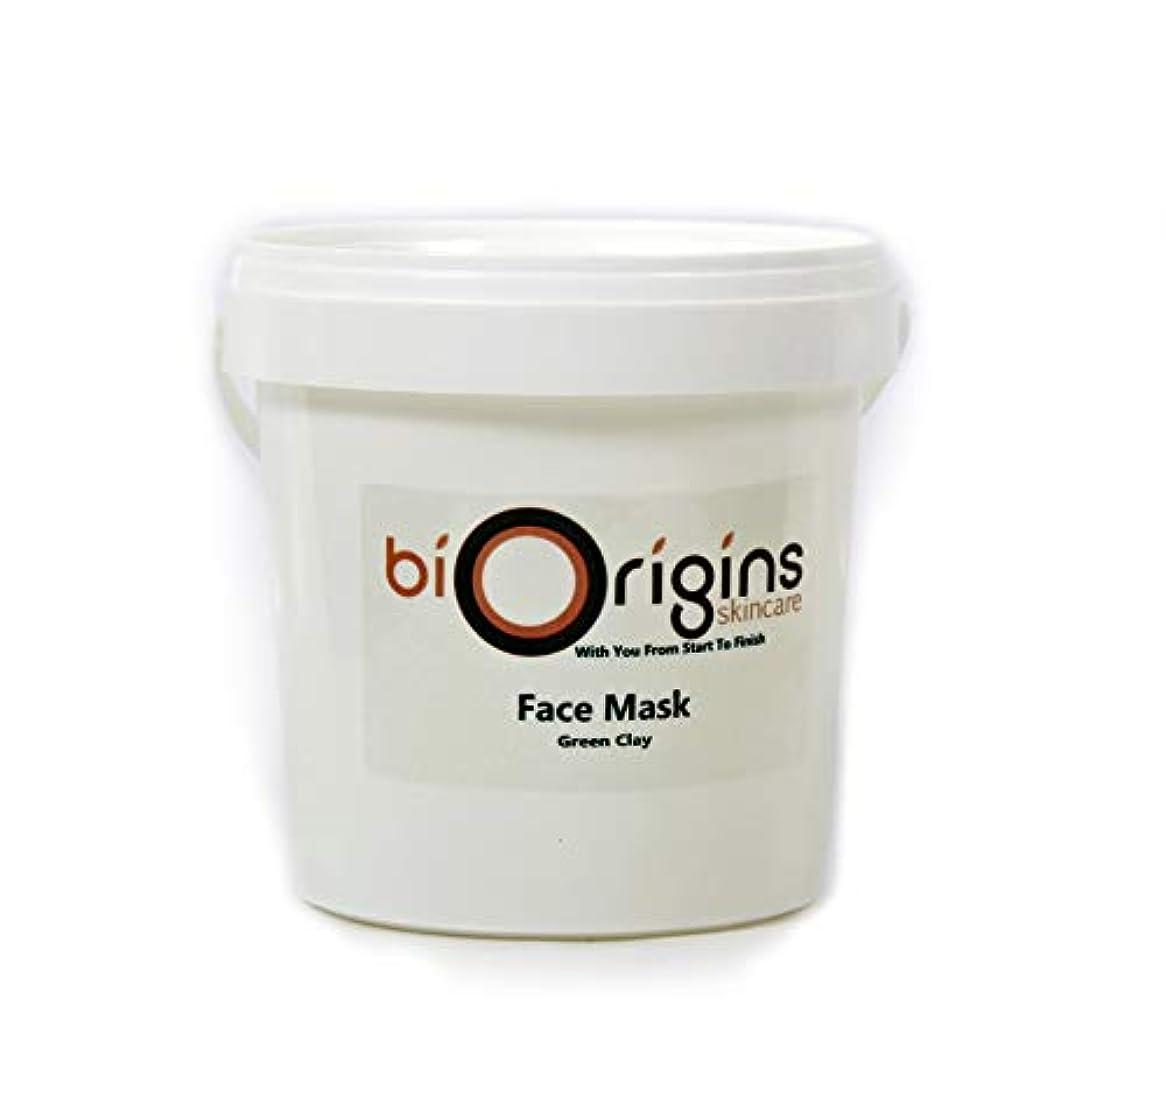 グローバル災害環境保護主義者Face Mask - Green Clay - Botanical Skincare Base - 1Kg